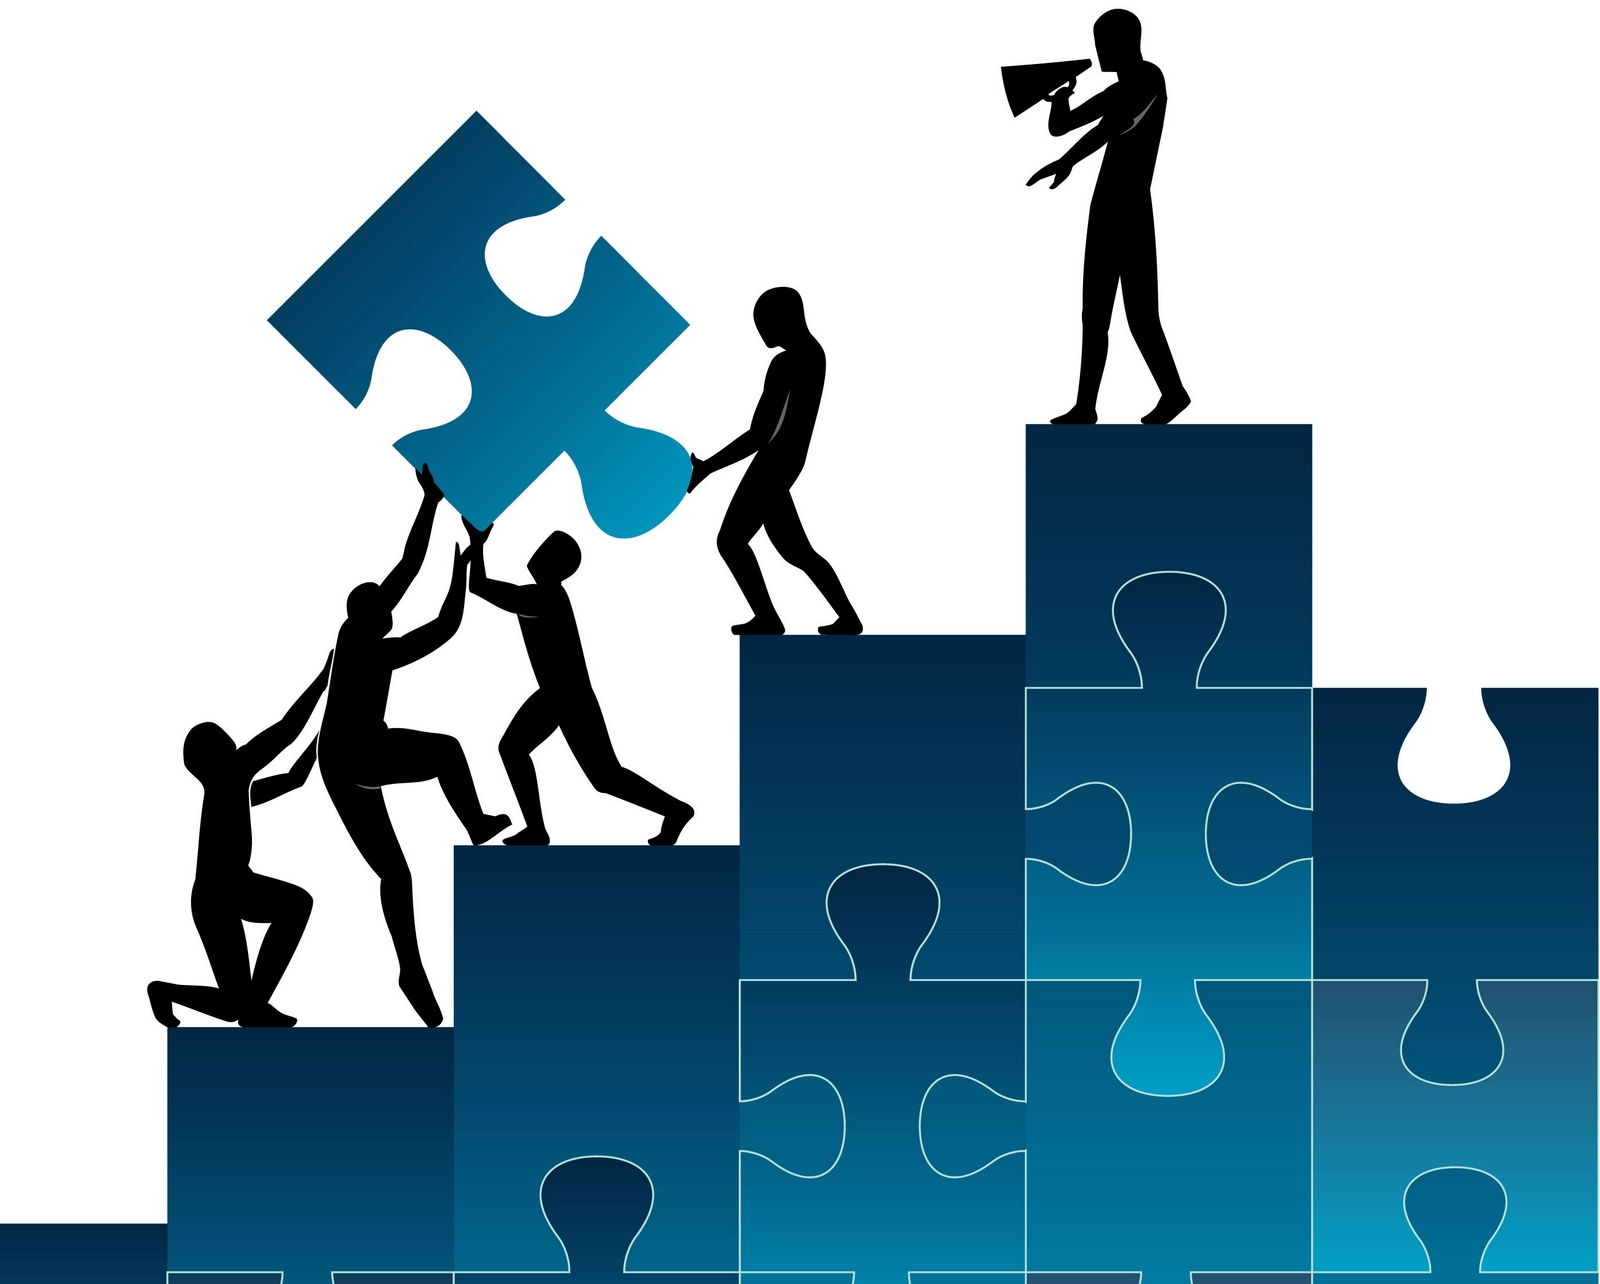 puzzle de hombres construyendo y cooperando